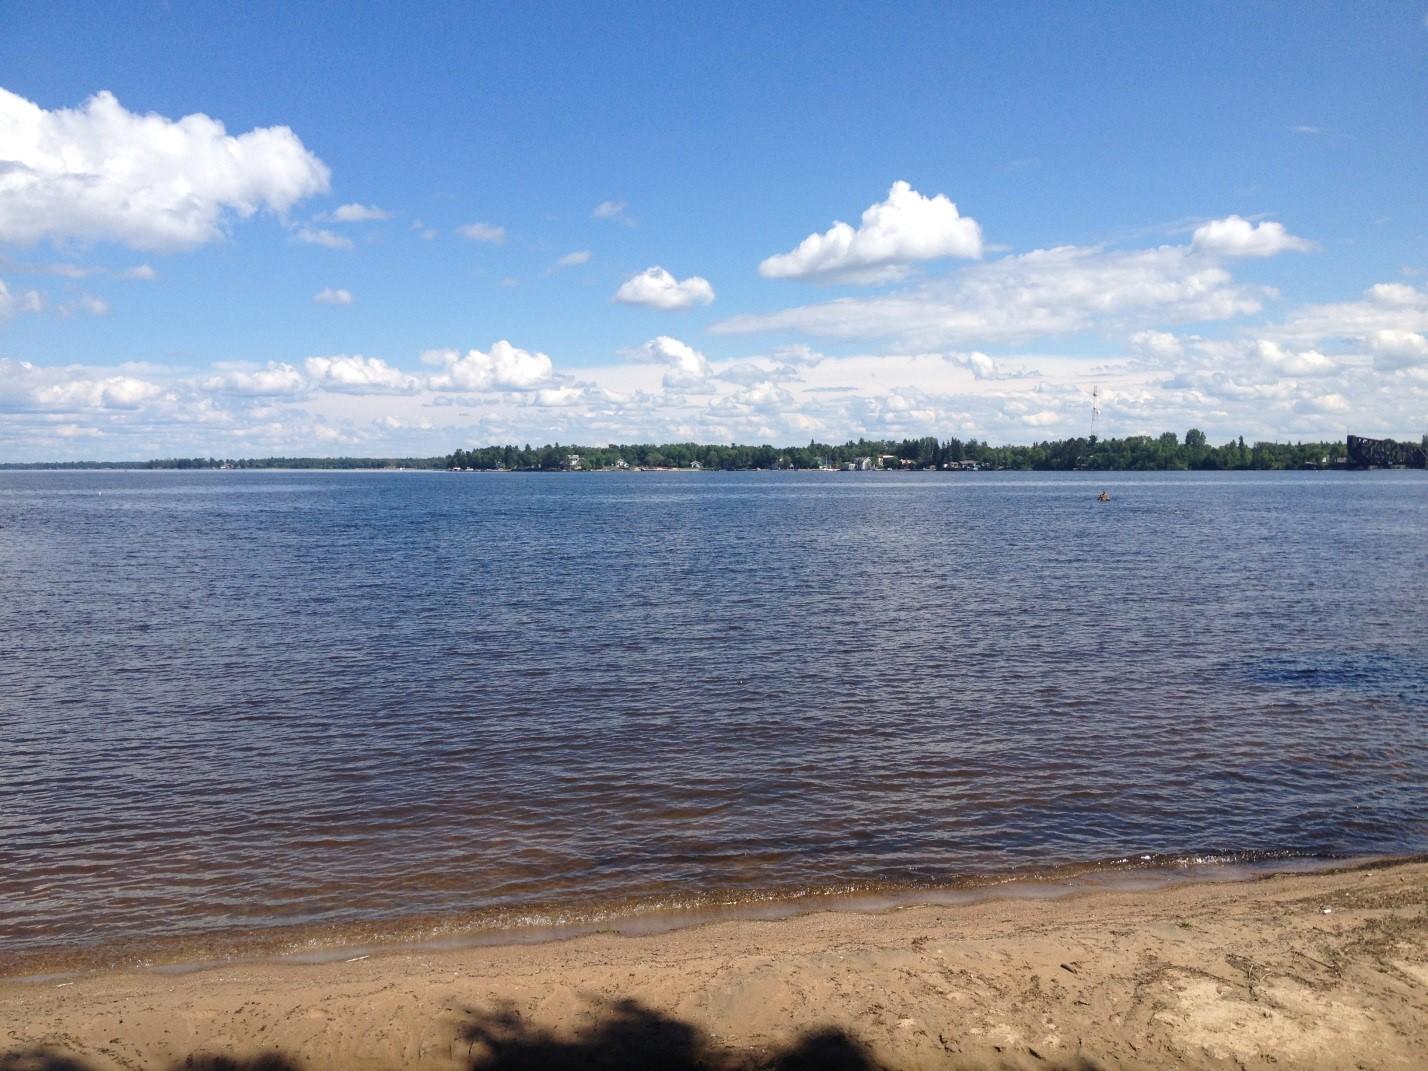 Le lac à la Pluie est l'une des plus importantes masses d'eau touchées par les courbes d'exploitation. Il accueille des villégiatures, des ports de plaisance et une variété d'espèces fauniques que le Groupe d'étude doit prendre en considération dans ses recommandations. Crédit : CMI